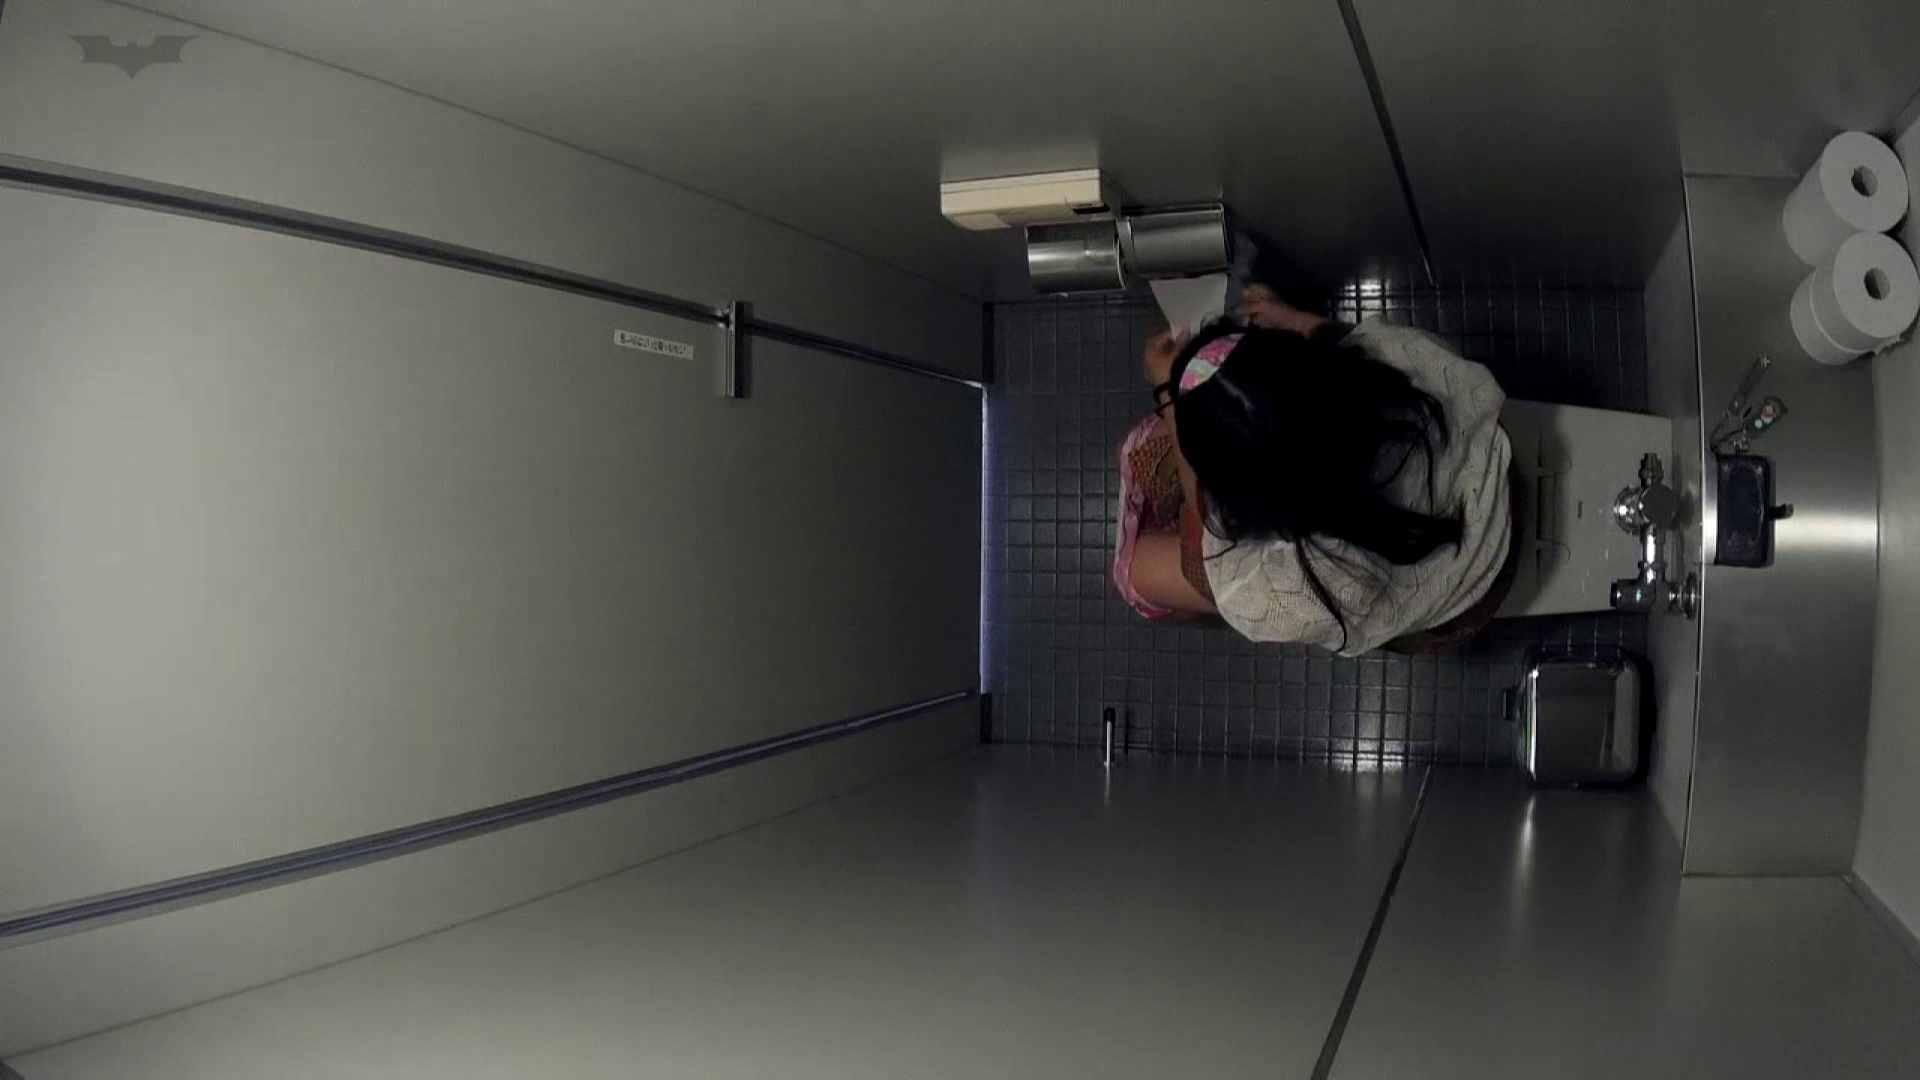 有名大学女性洗面所 vol.45 冴え渡る多方向撮影!職人技です。 潜入  98pic 23